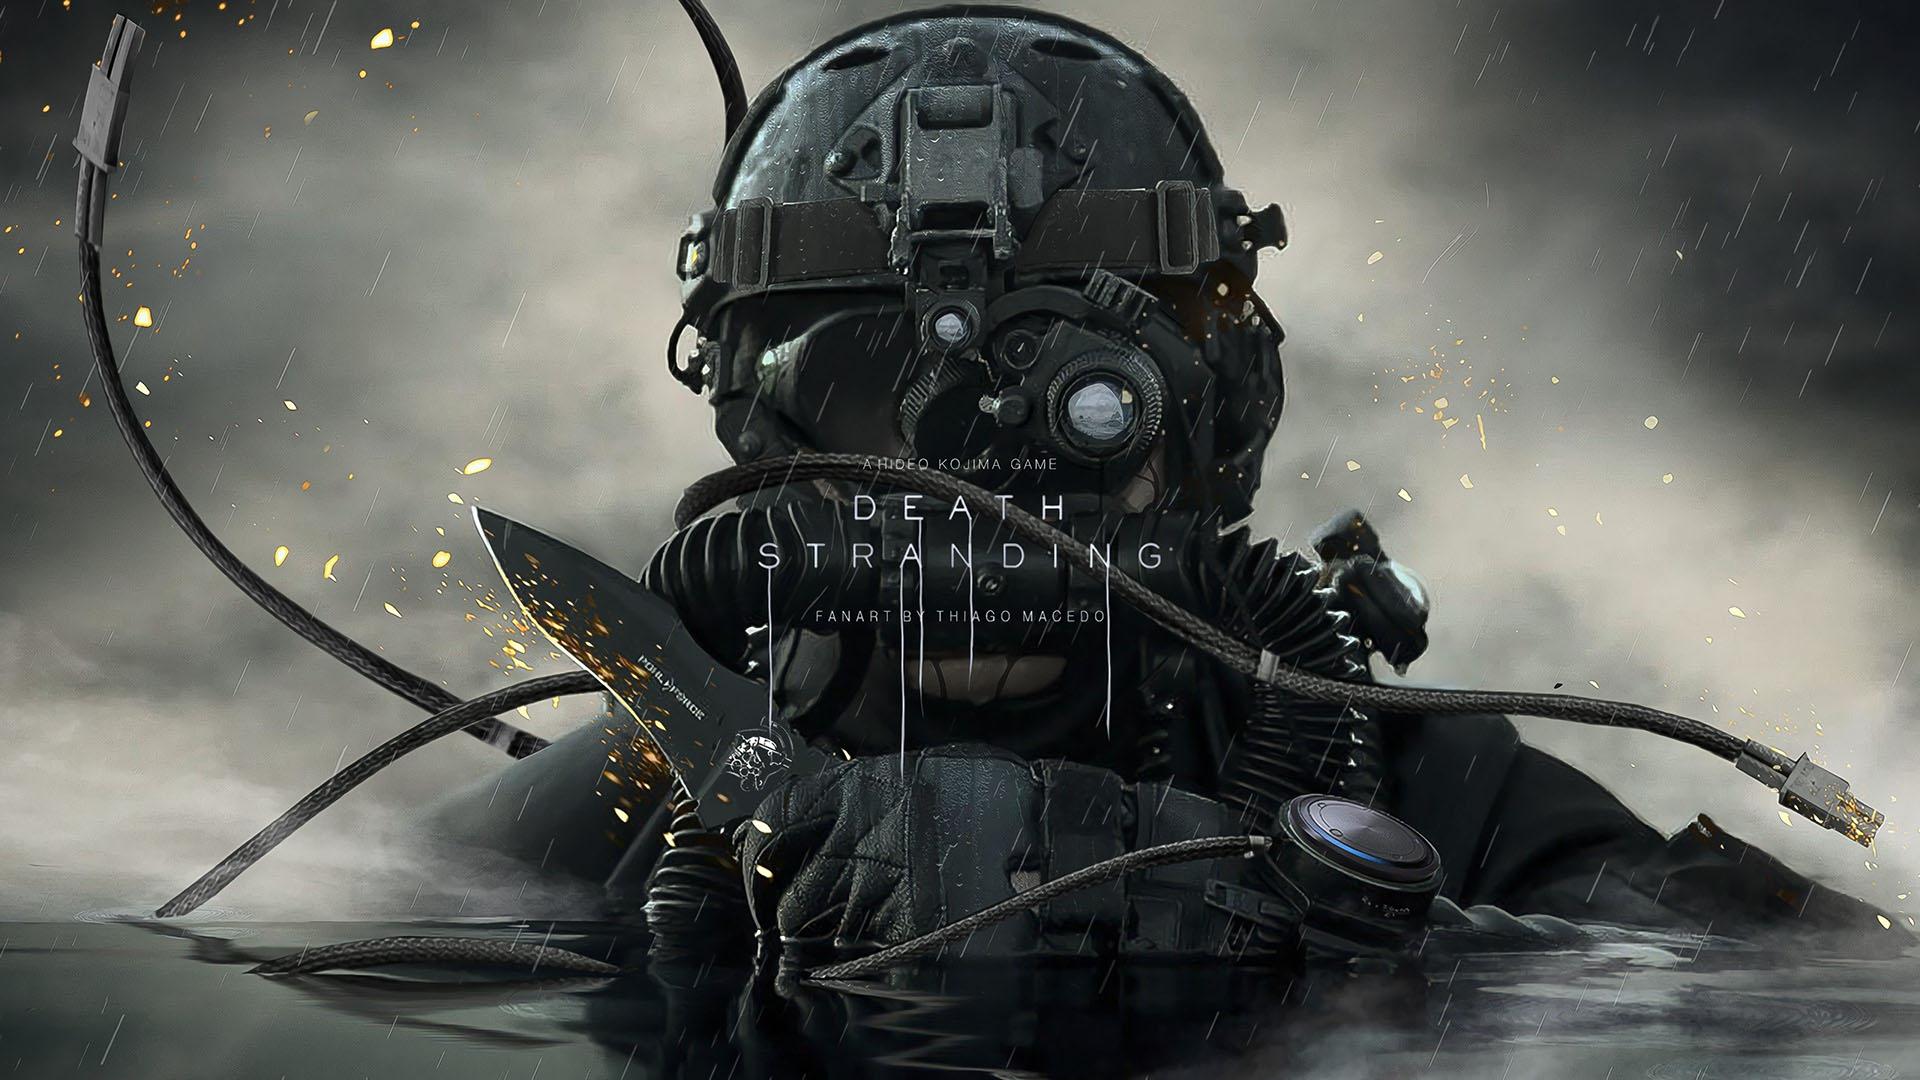 Death Stranding Slider-Img - Gamersmaze.com